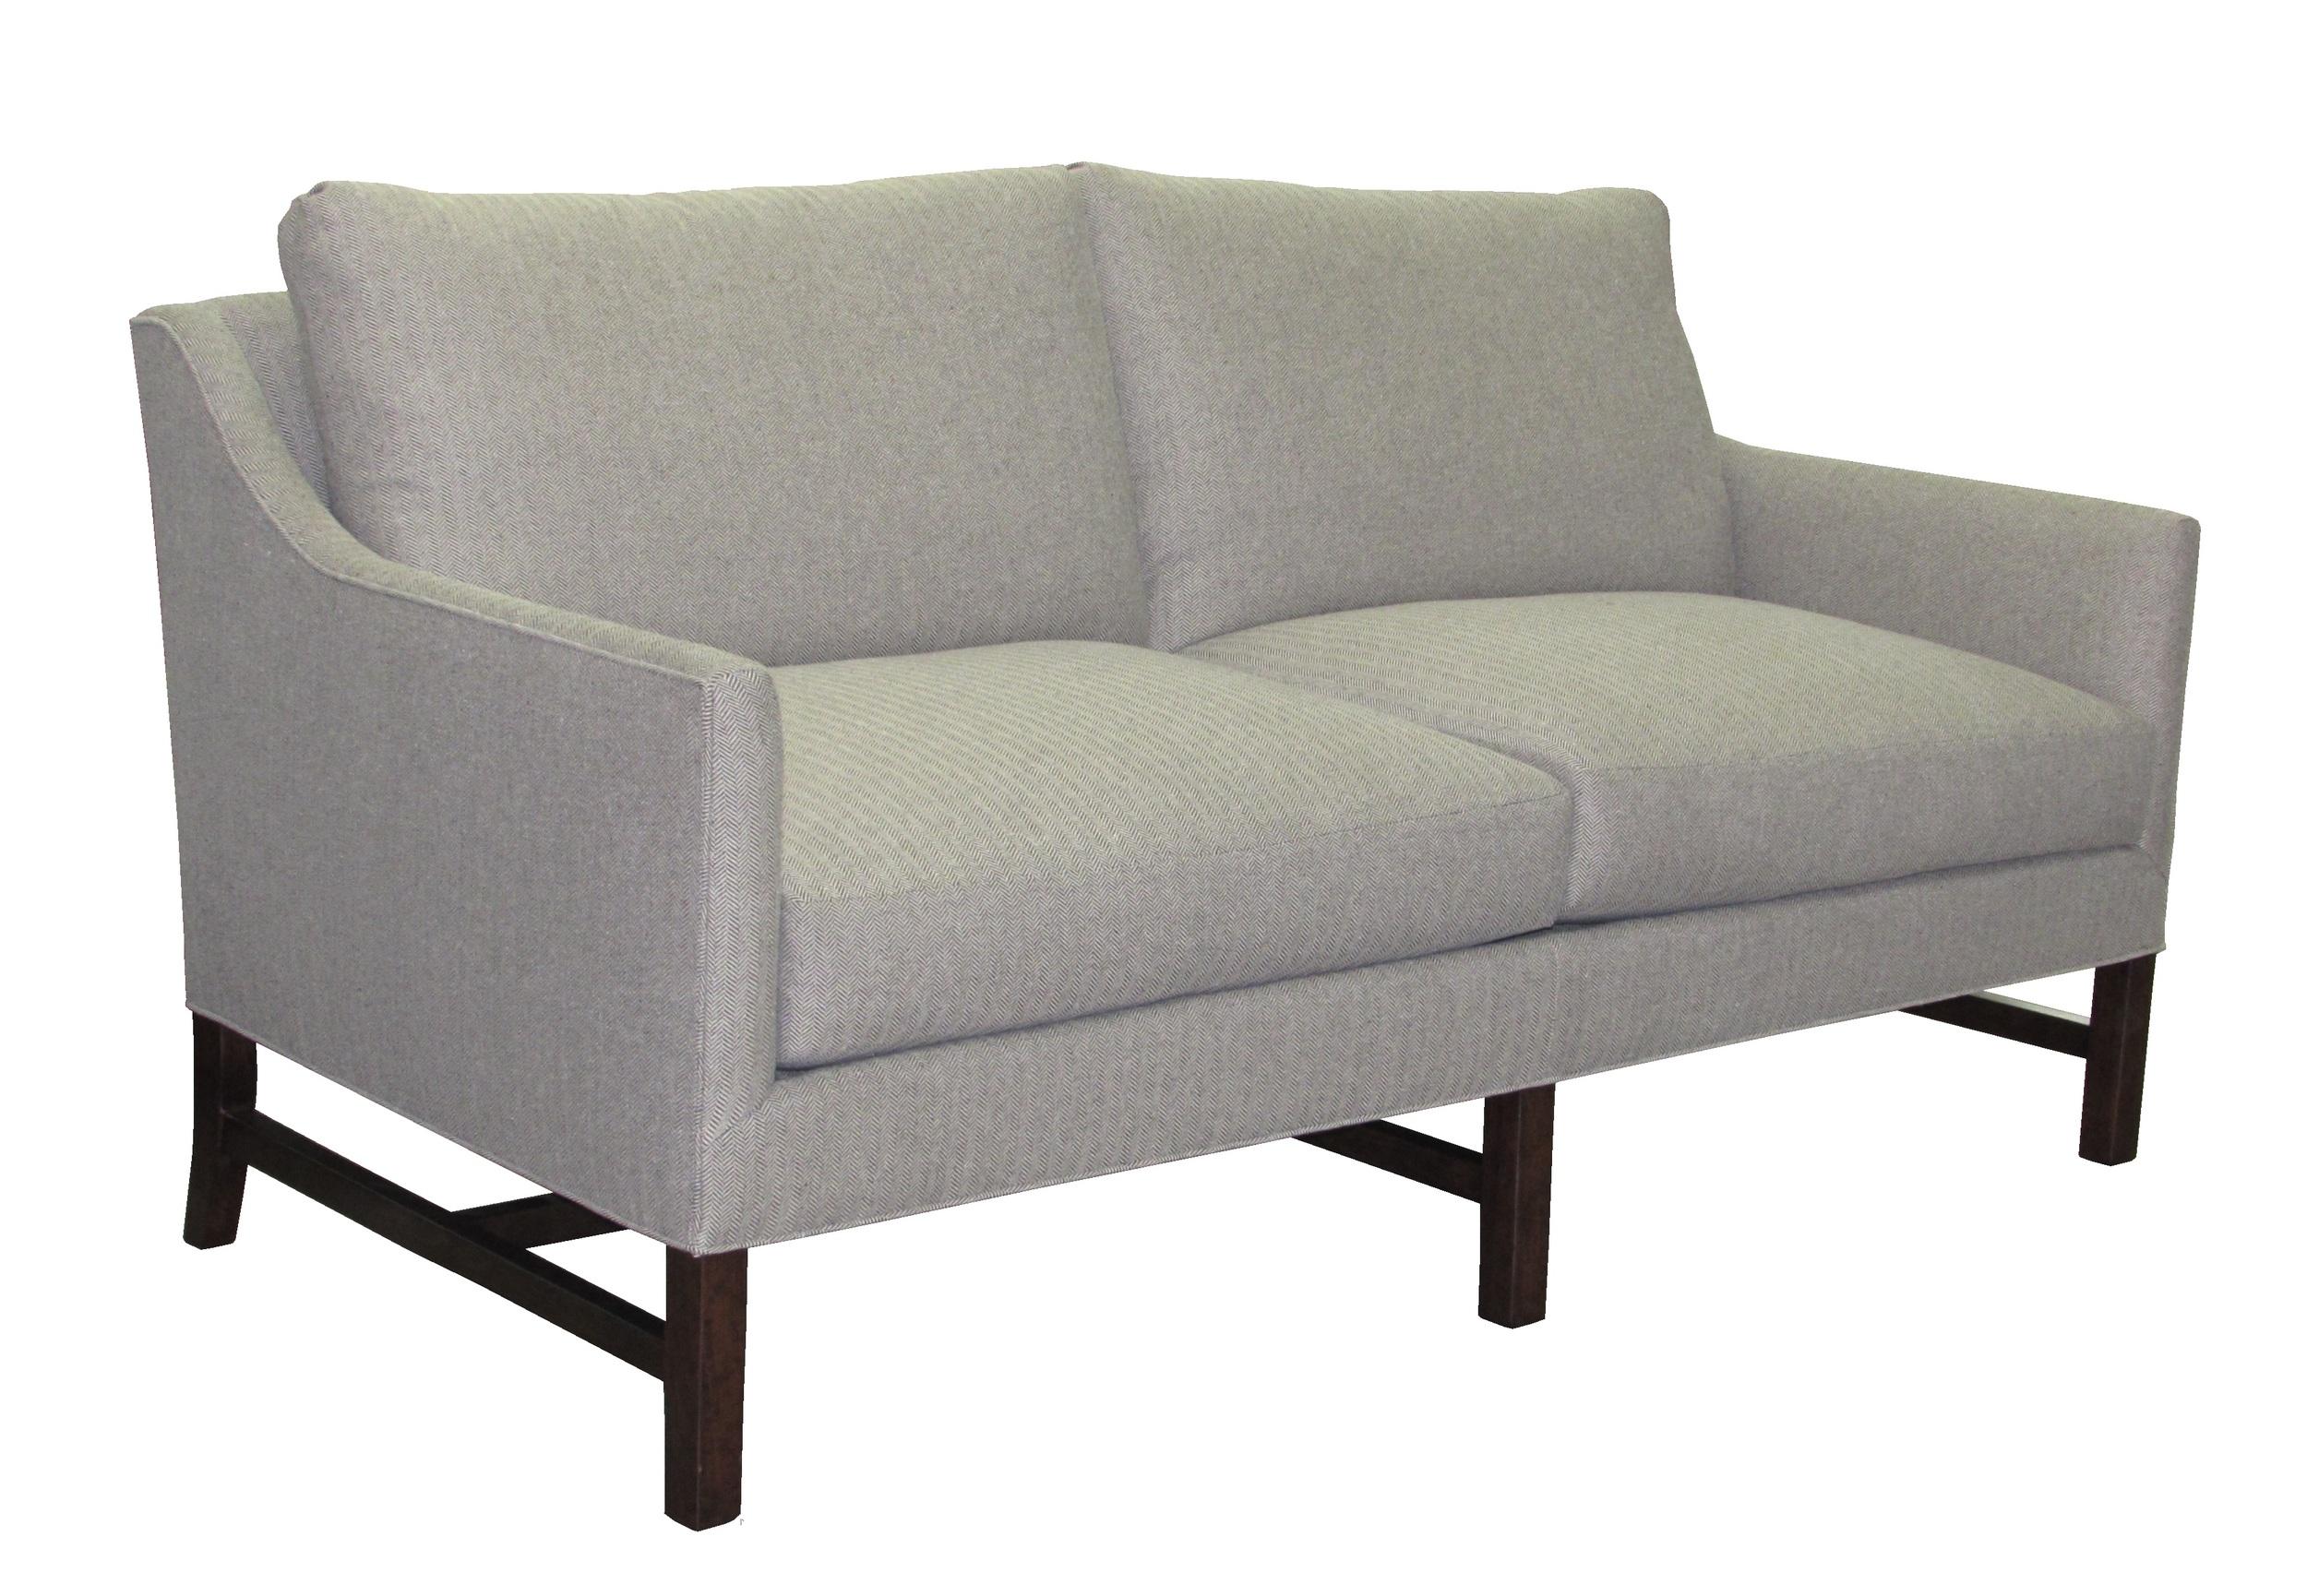 151 sofa